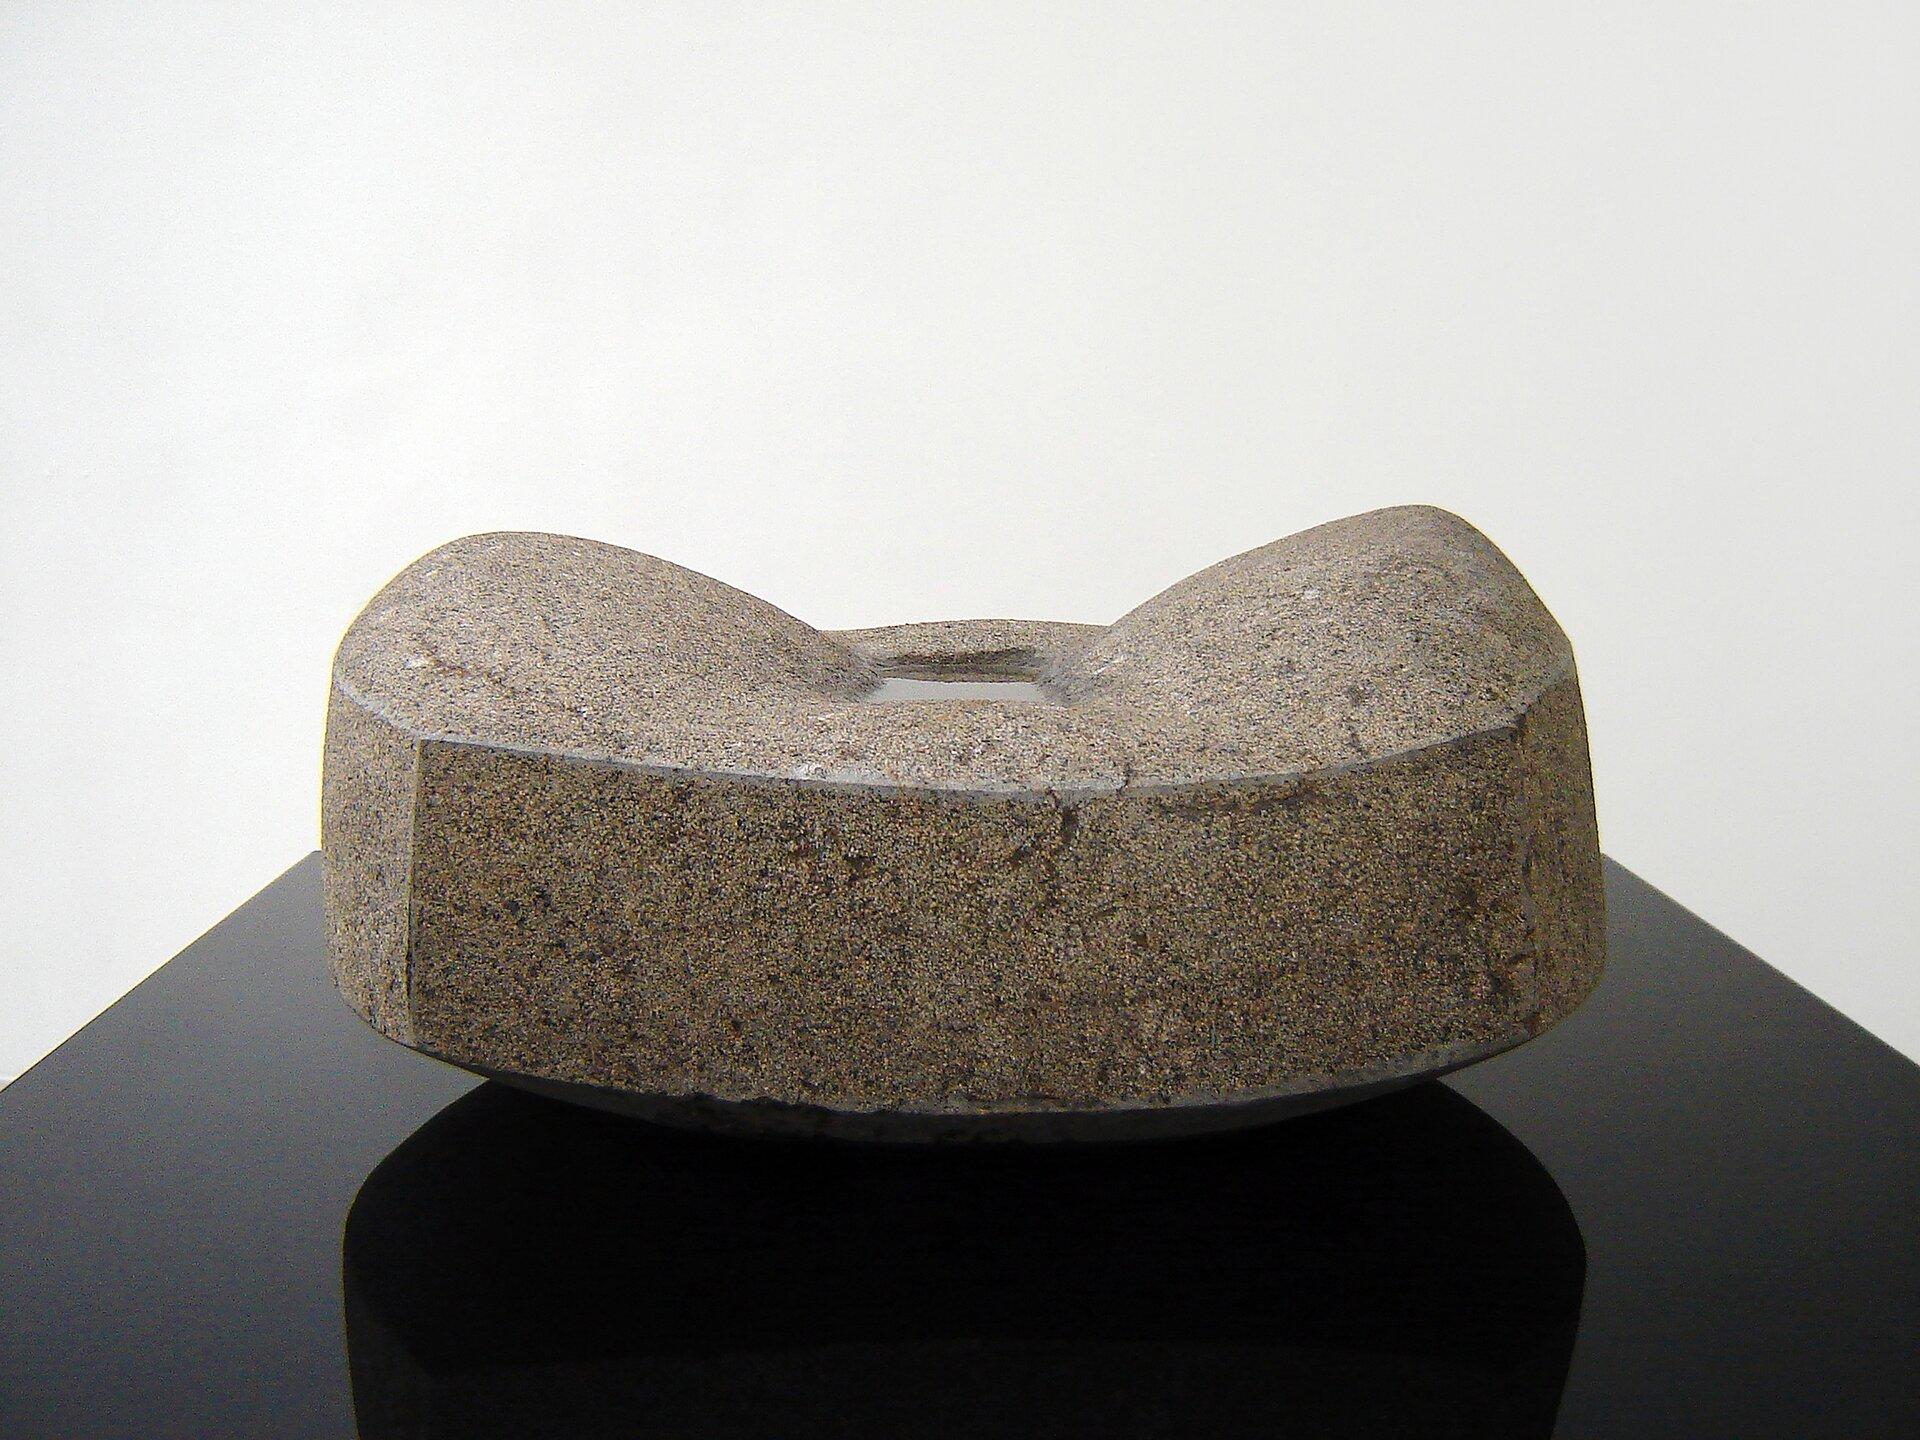 """Ilustracja przedstawia rzeźbę """"Źródło III"""" autorstwa Macieja Wierzbickiego. Na zdjęciu ukazany jest kamienny, nieregularny kształt płaskiego sześcianu zmałym prostokątnym wgłębieniem pośrodku, wktórym znajduje się woda. Obiekt ustawiony jest na gładkim blacie czarnego granitu. Tło stanowi biała płaszczyzna."""